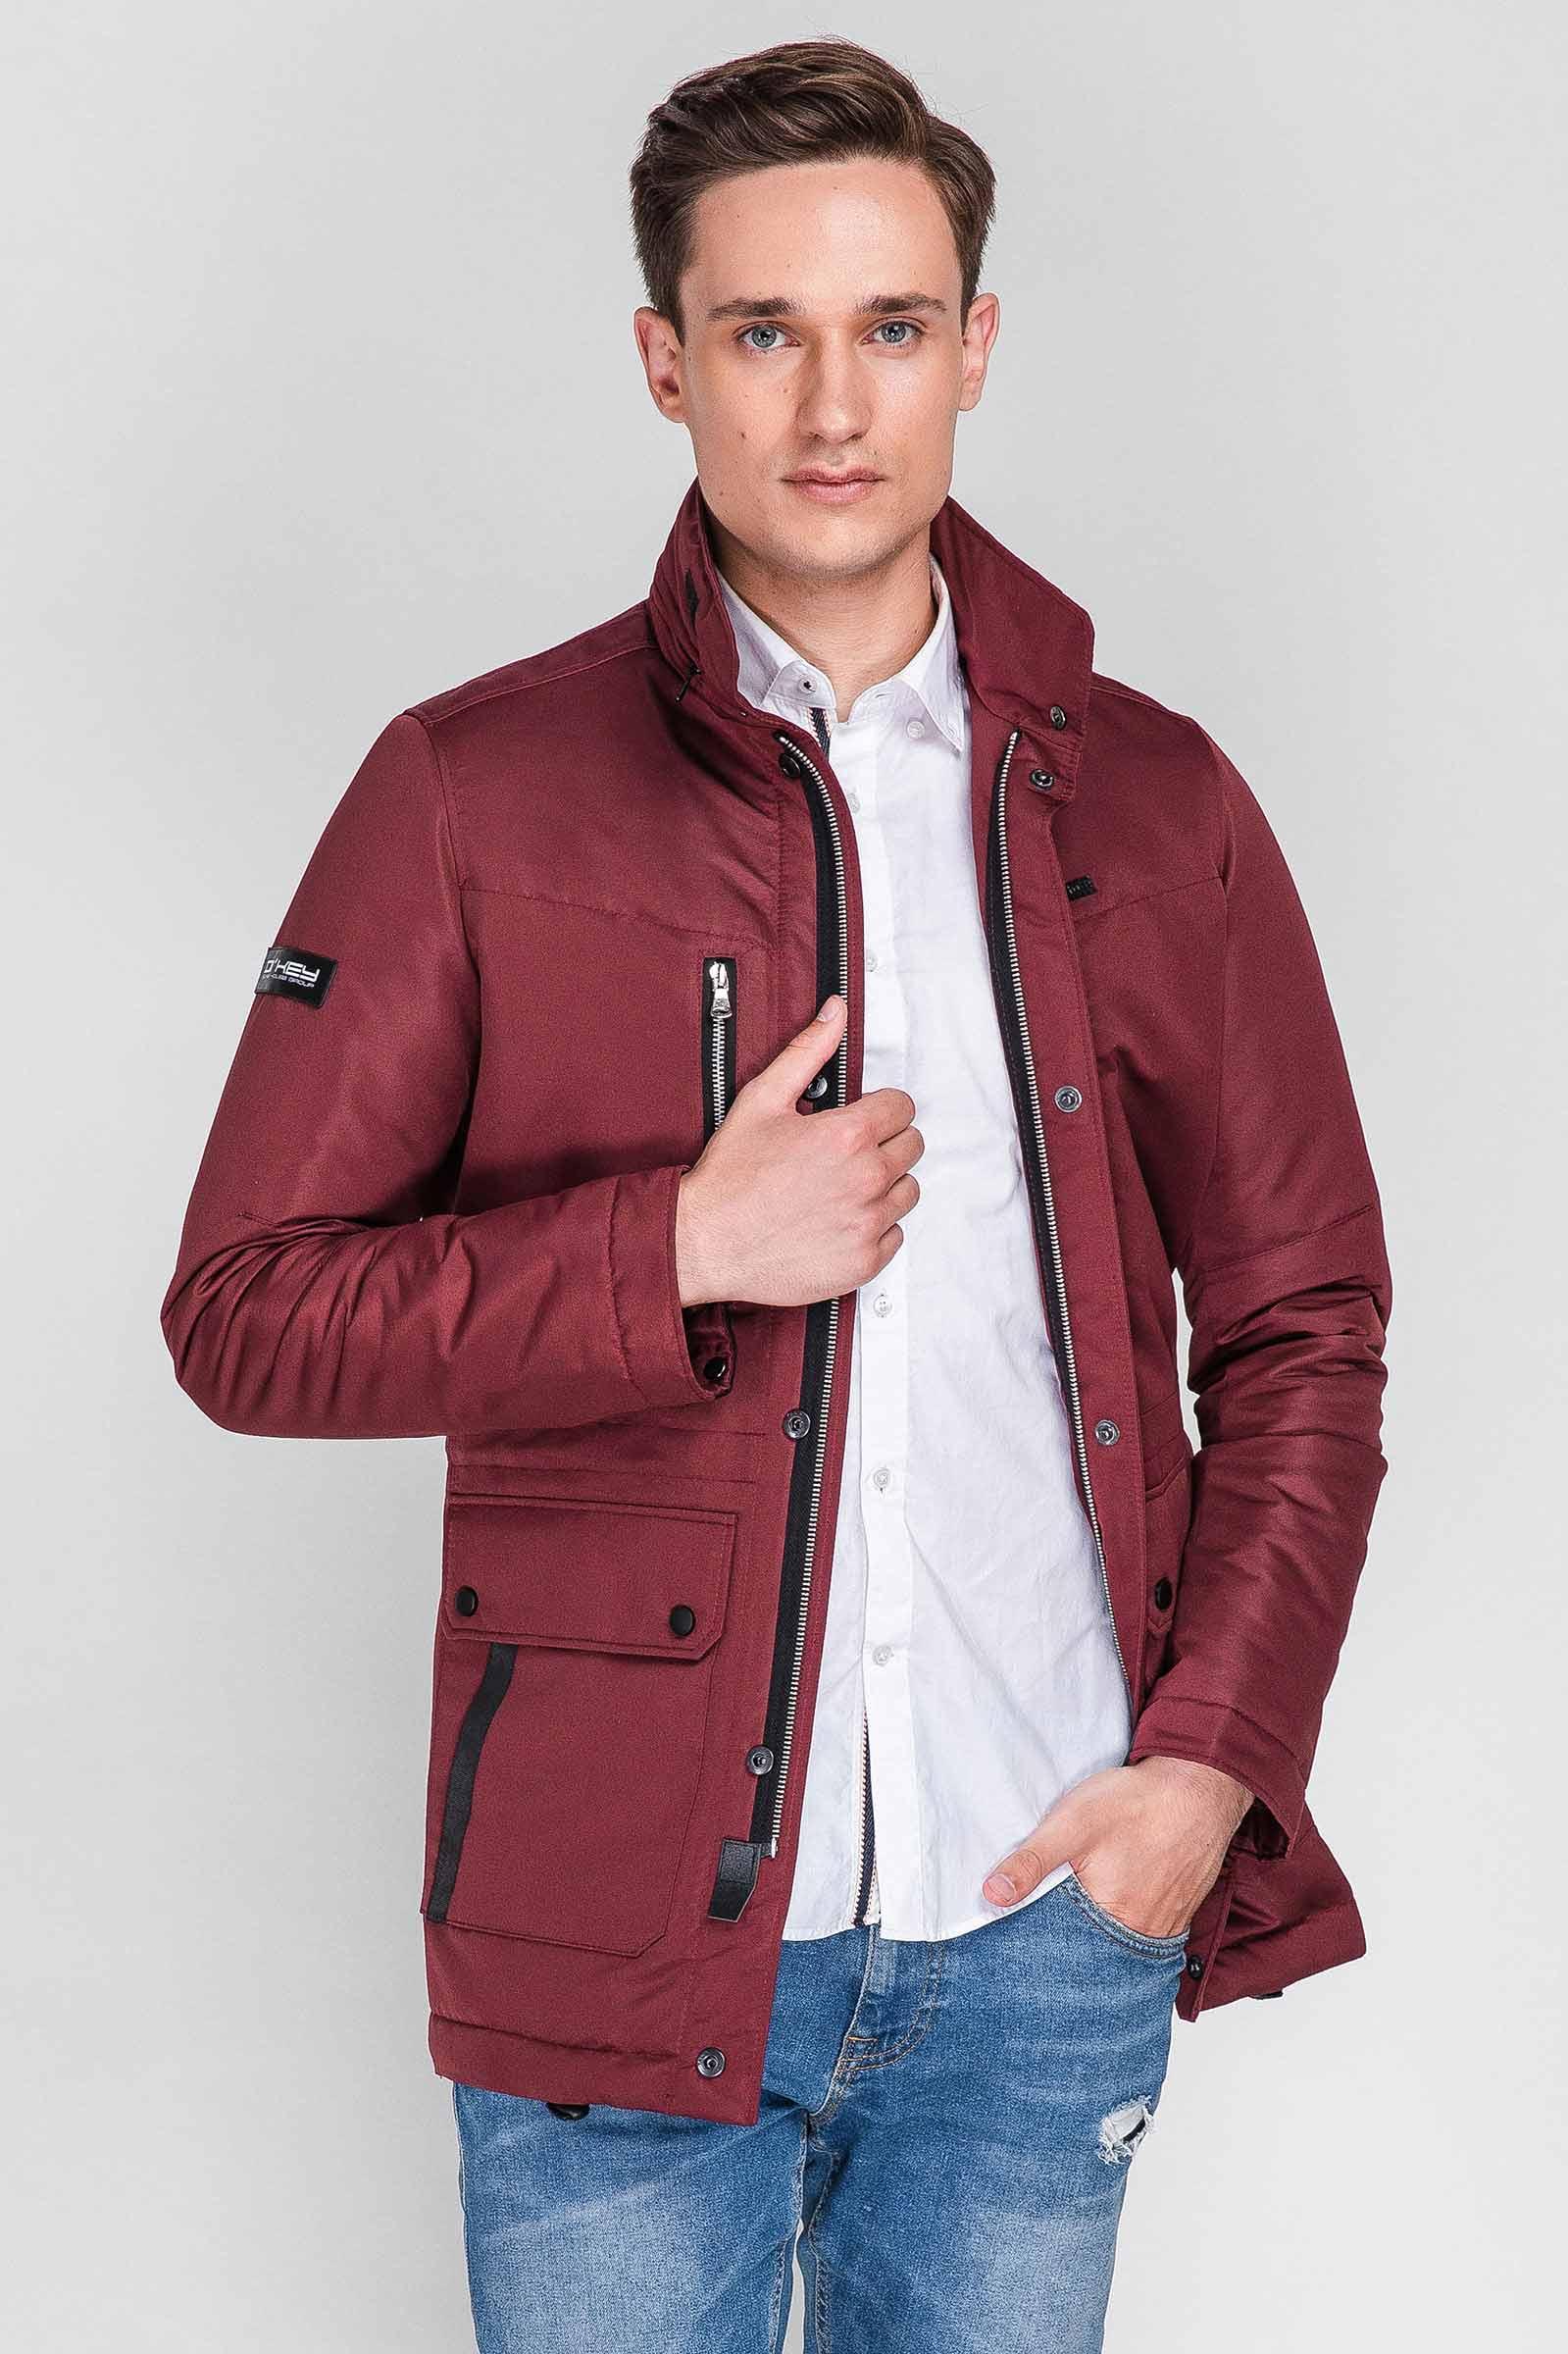 Купить мужскую куртку недорого Одесса - фото